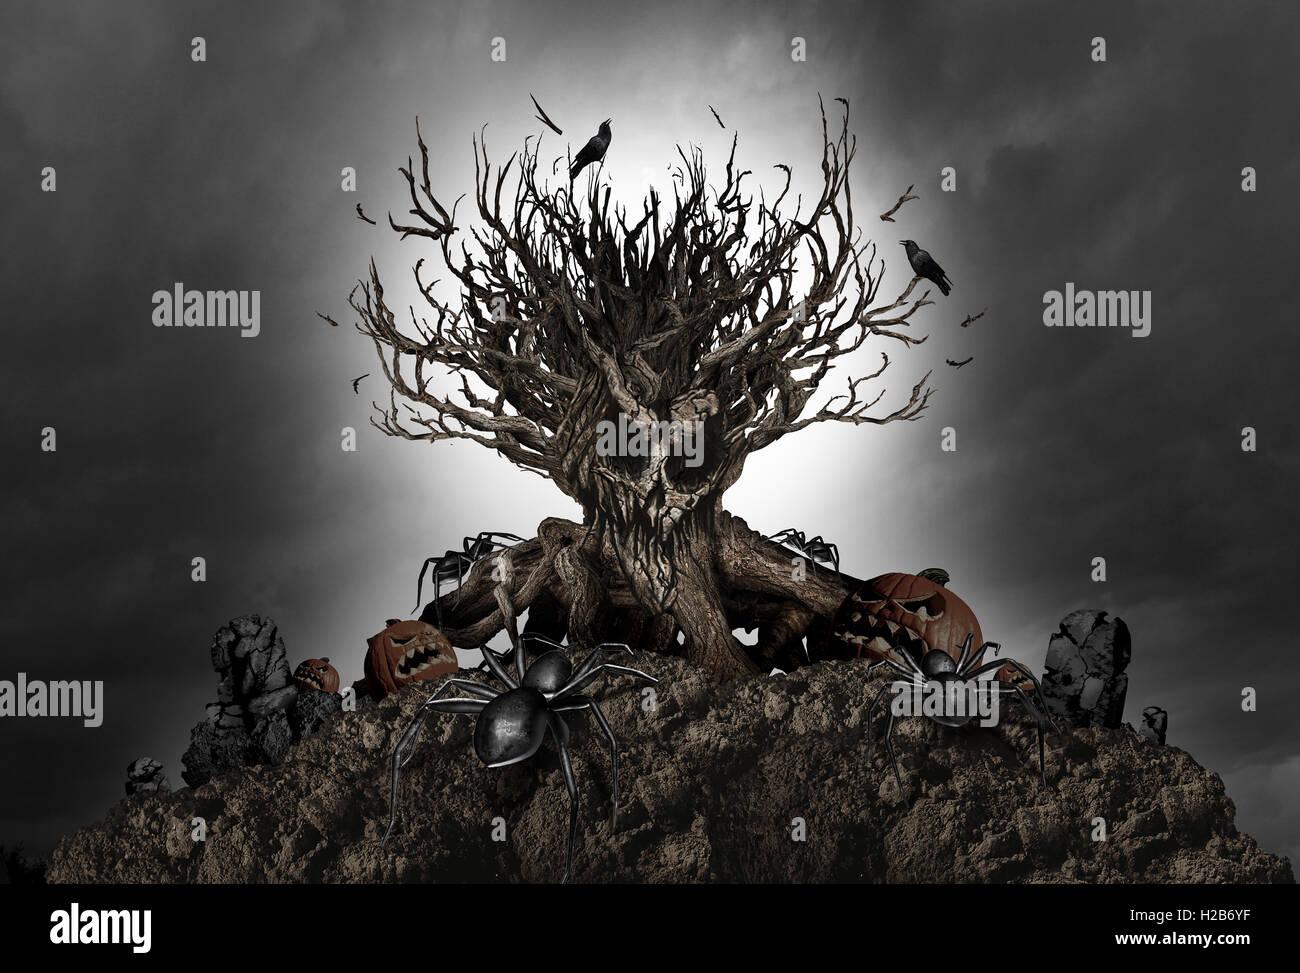 Halloween embrujada árbol tenebroso fondo nocturno como una vieja planta de crecimiento como un monstruo con Imagen De Stock